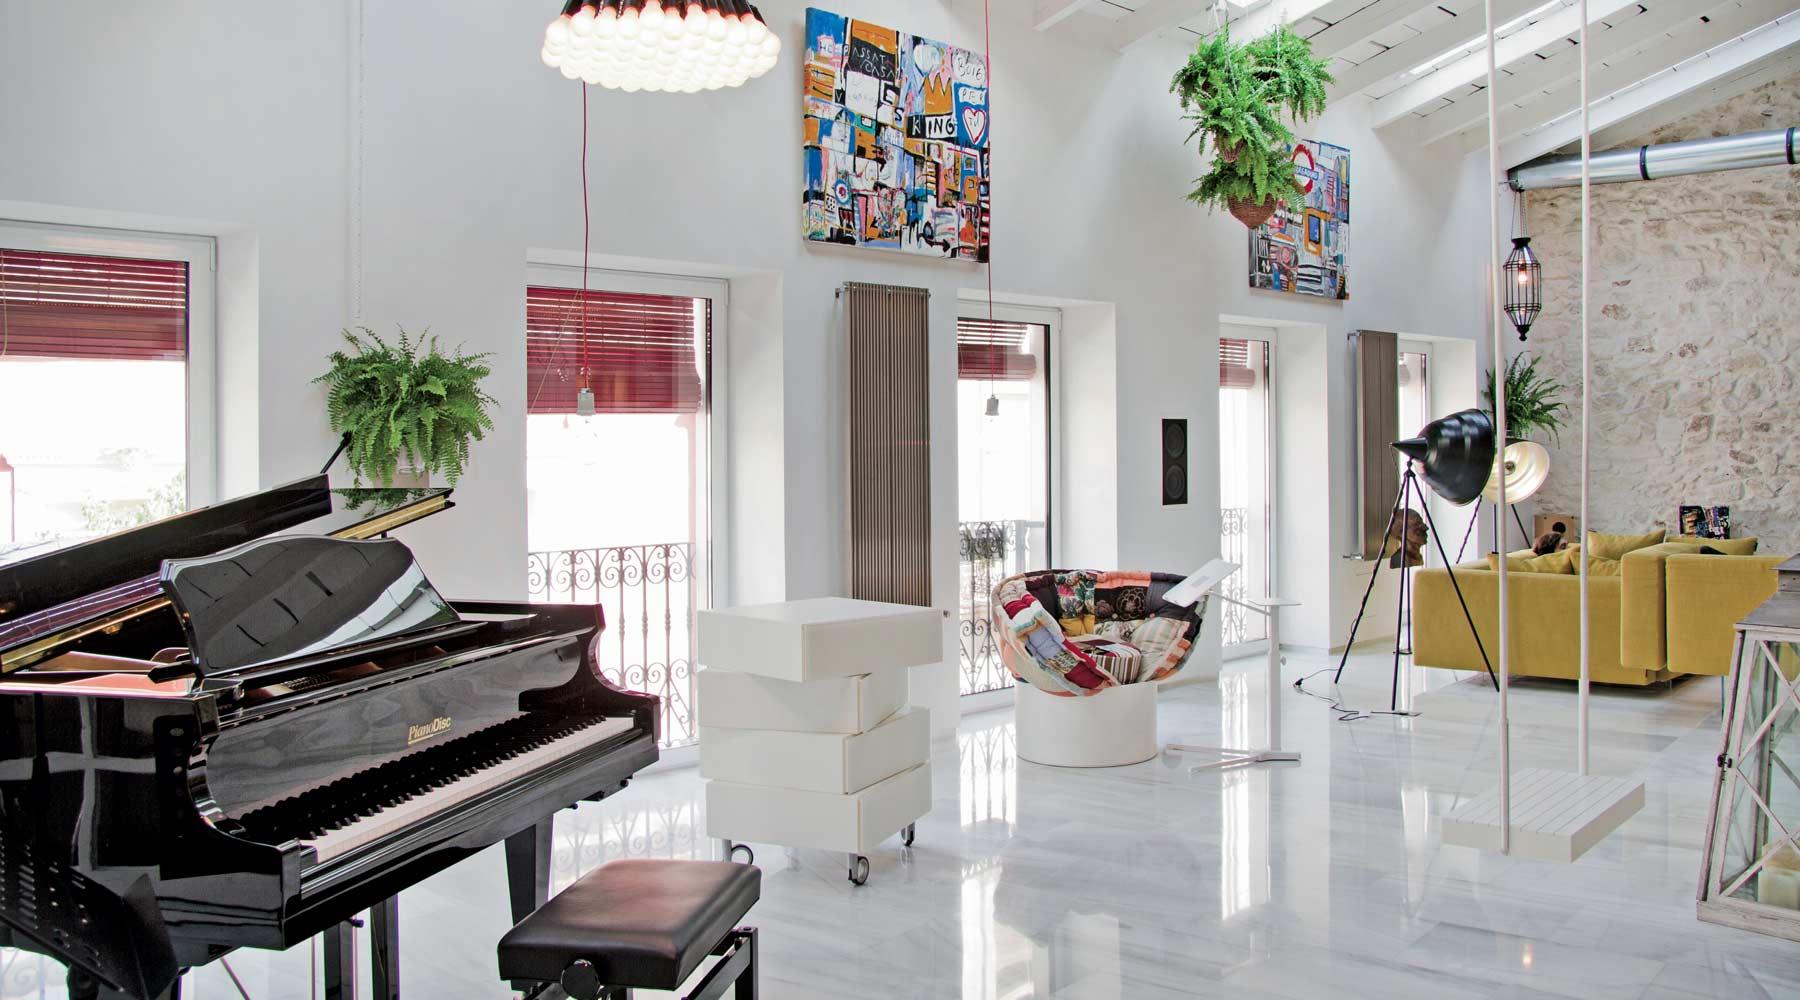 Soggiorno in mansarda openspace appartamento LAGO Alicante